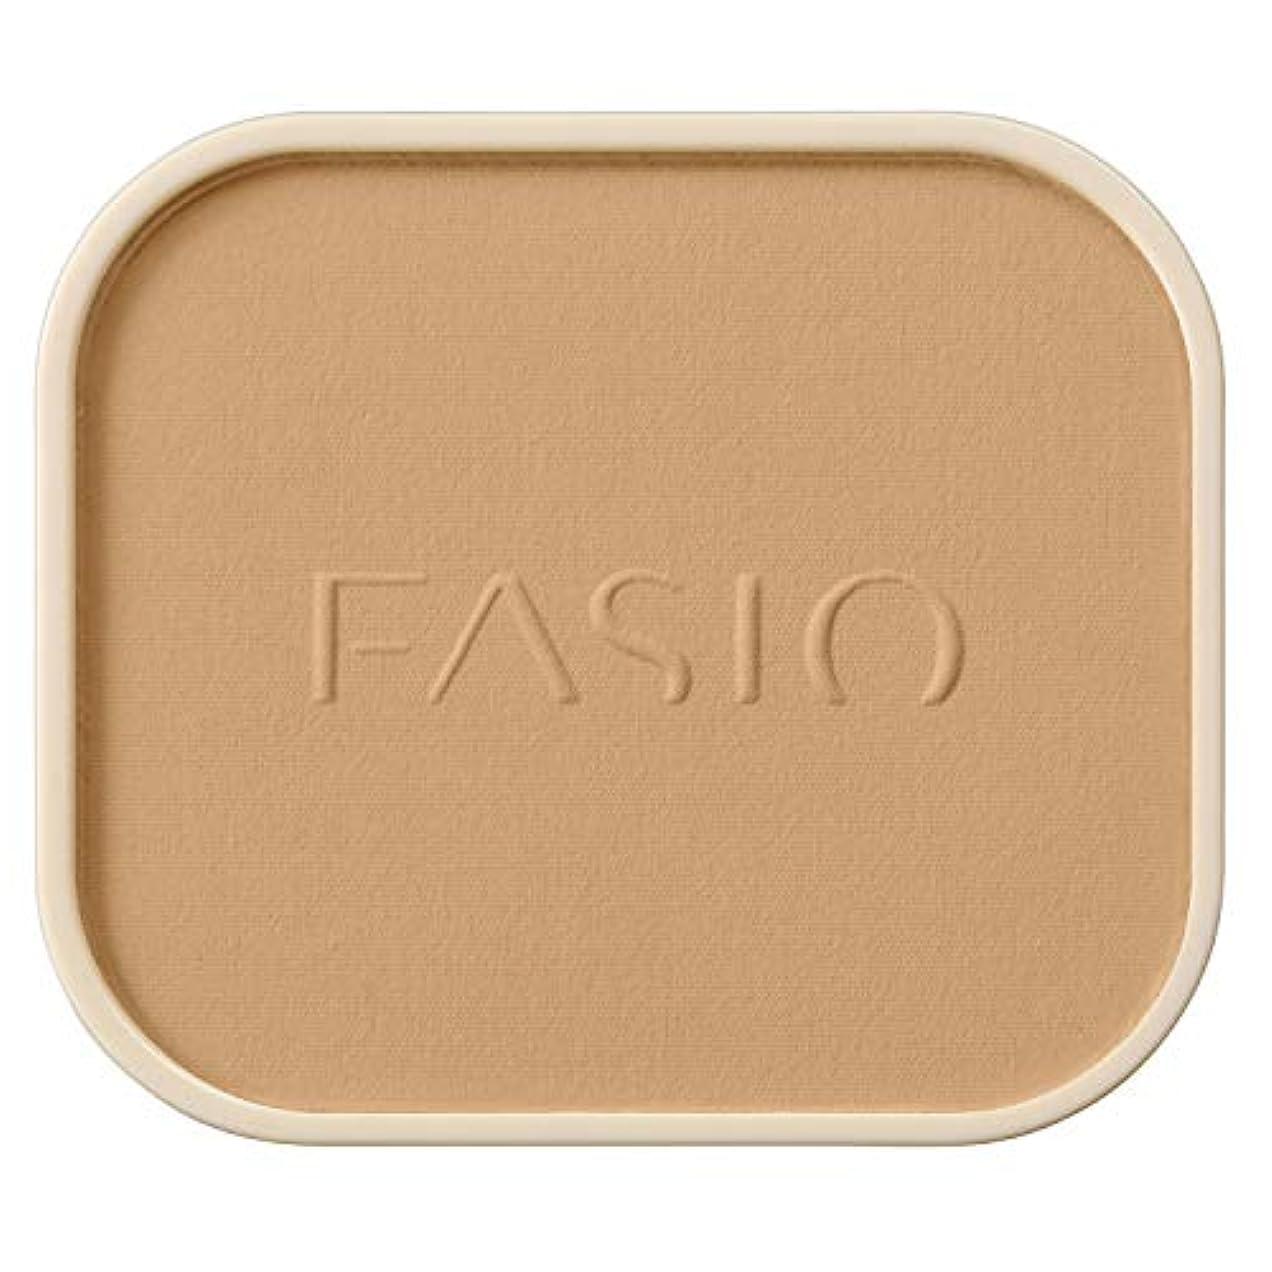 きしむバング浸透するファシオ ラスティング ファンデーション WP オークル 410 10g